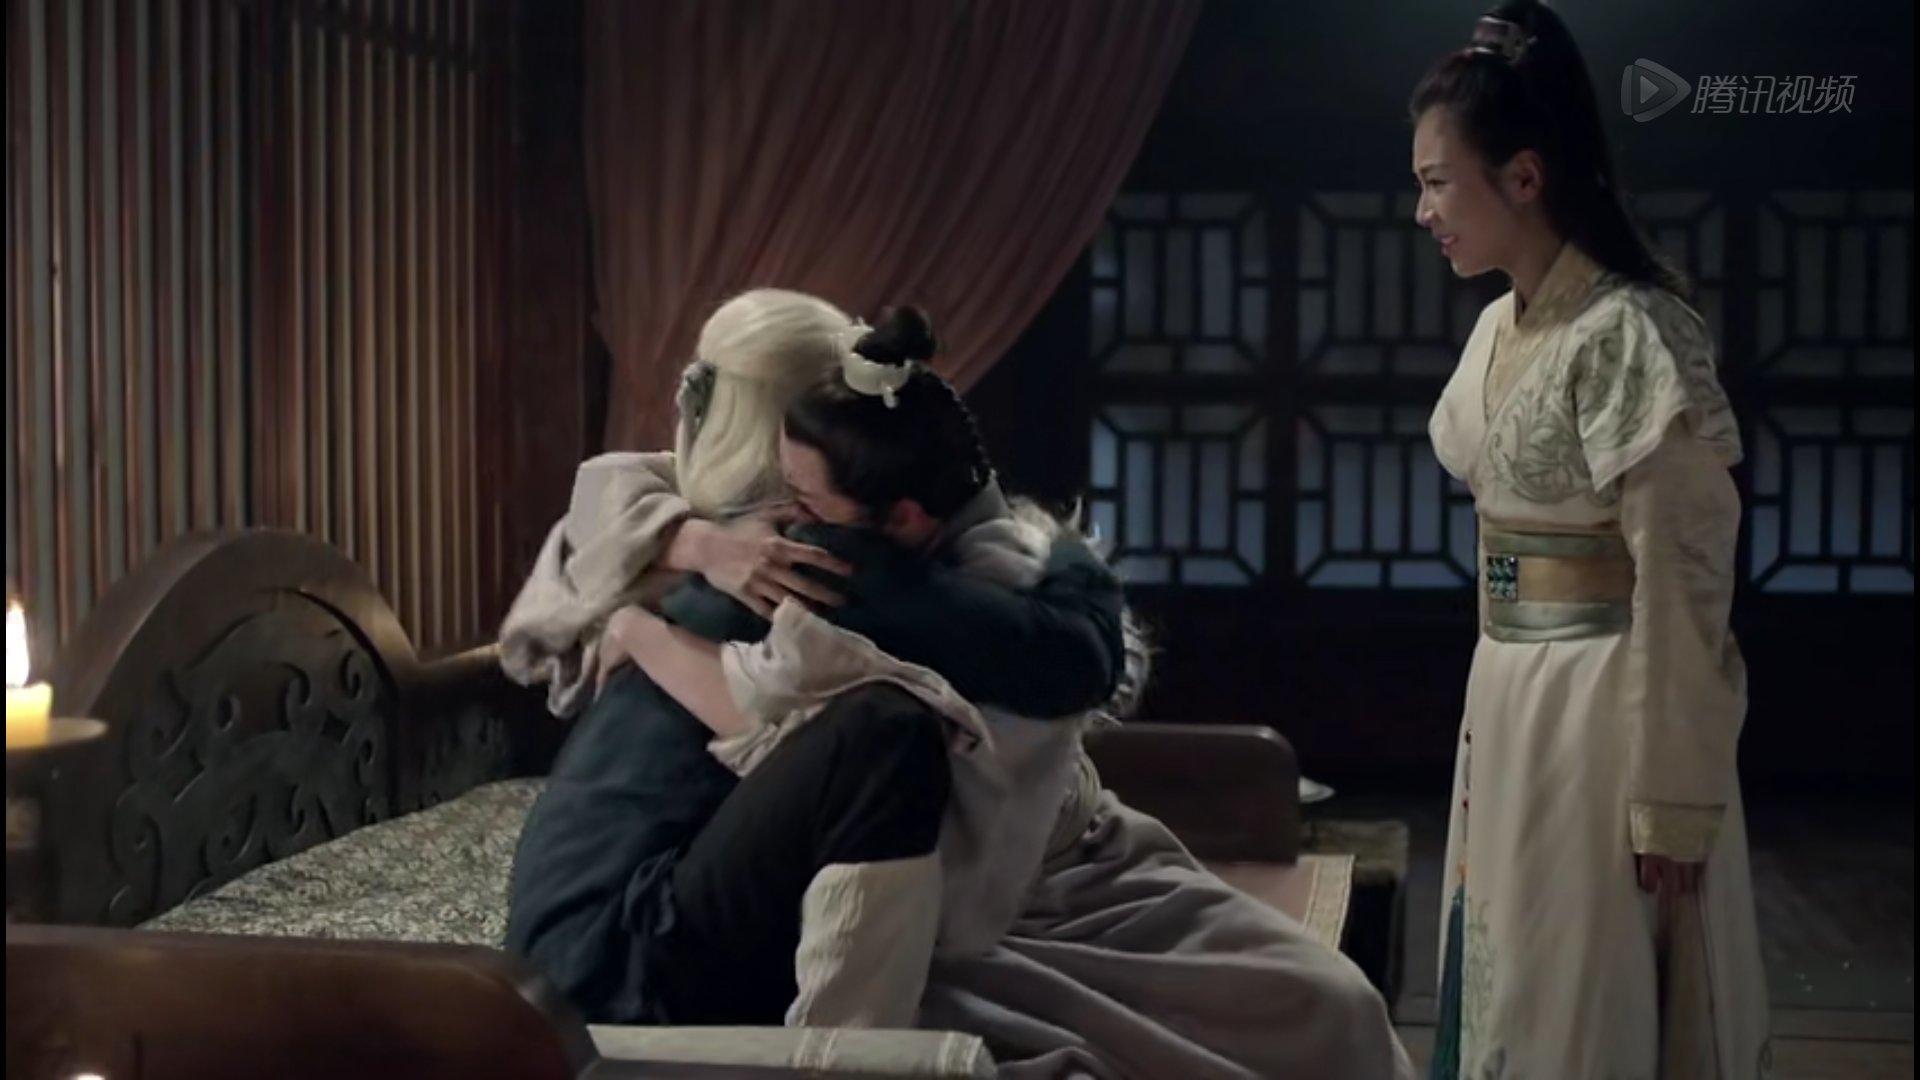 聂锋和梅长苏相认,那种惺惺相惜,大难不死相逢的喜悦.